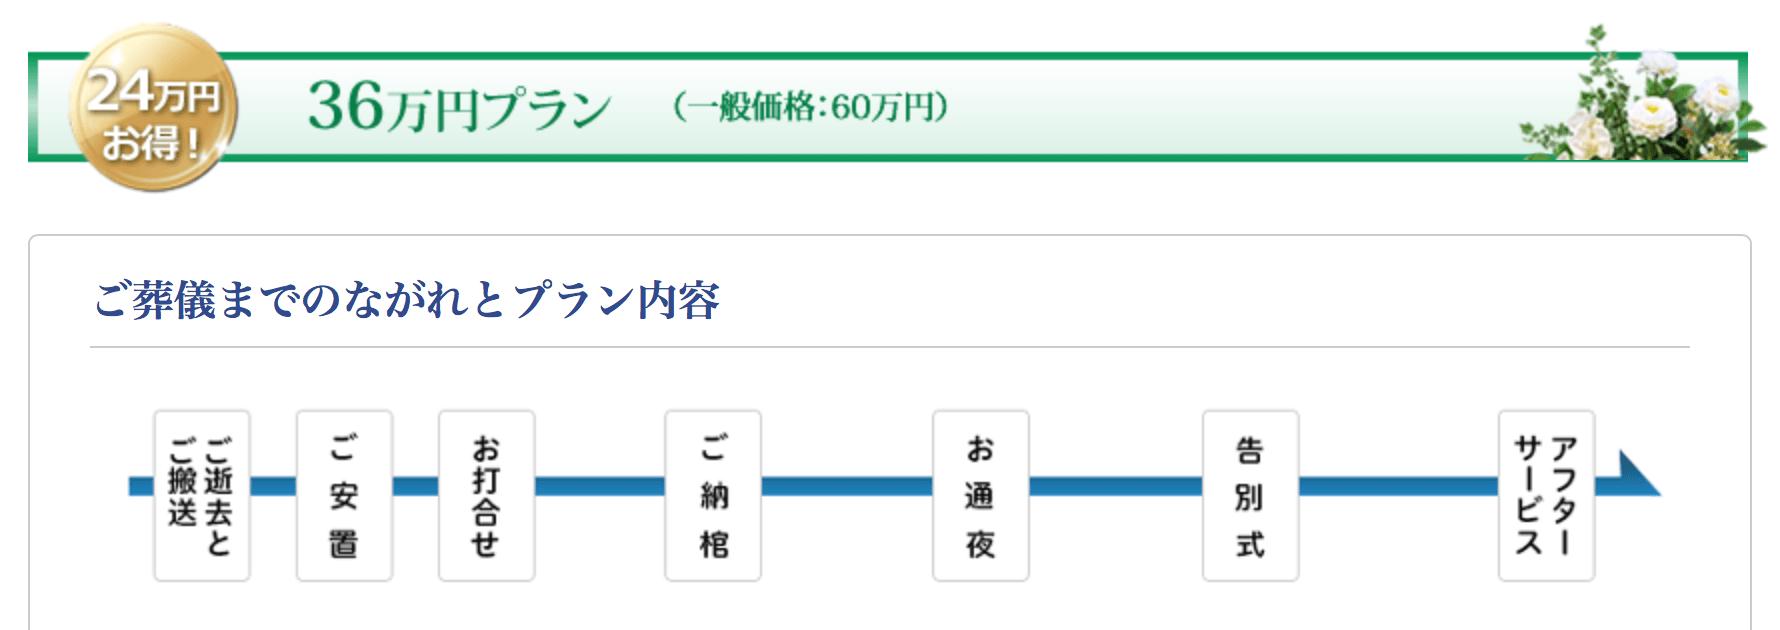 36万円プラン